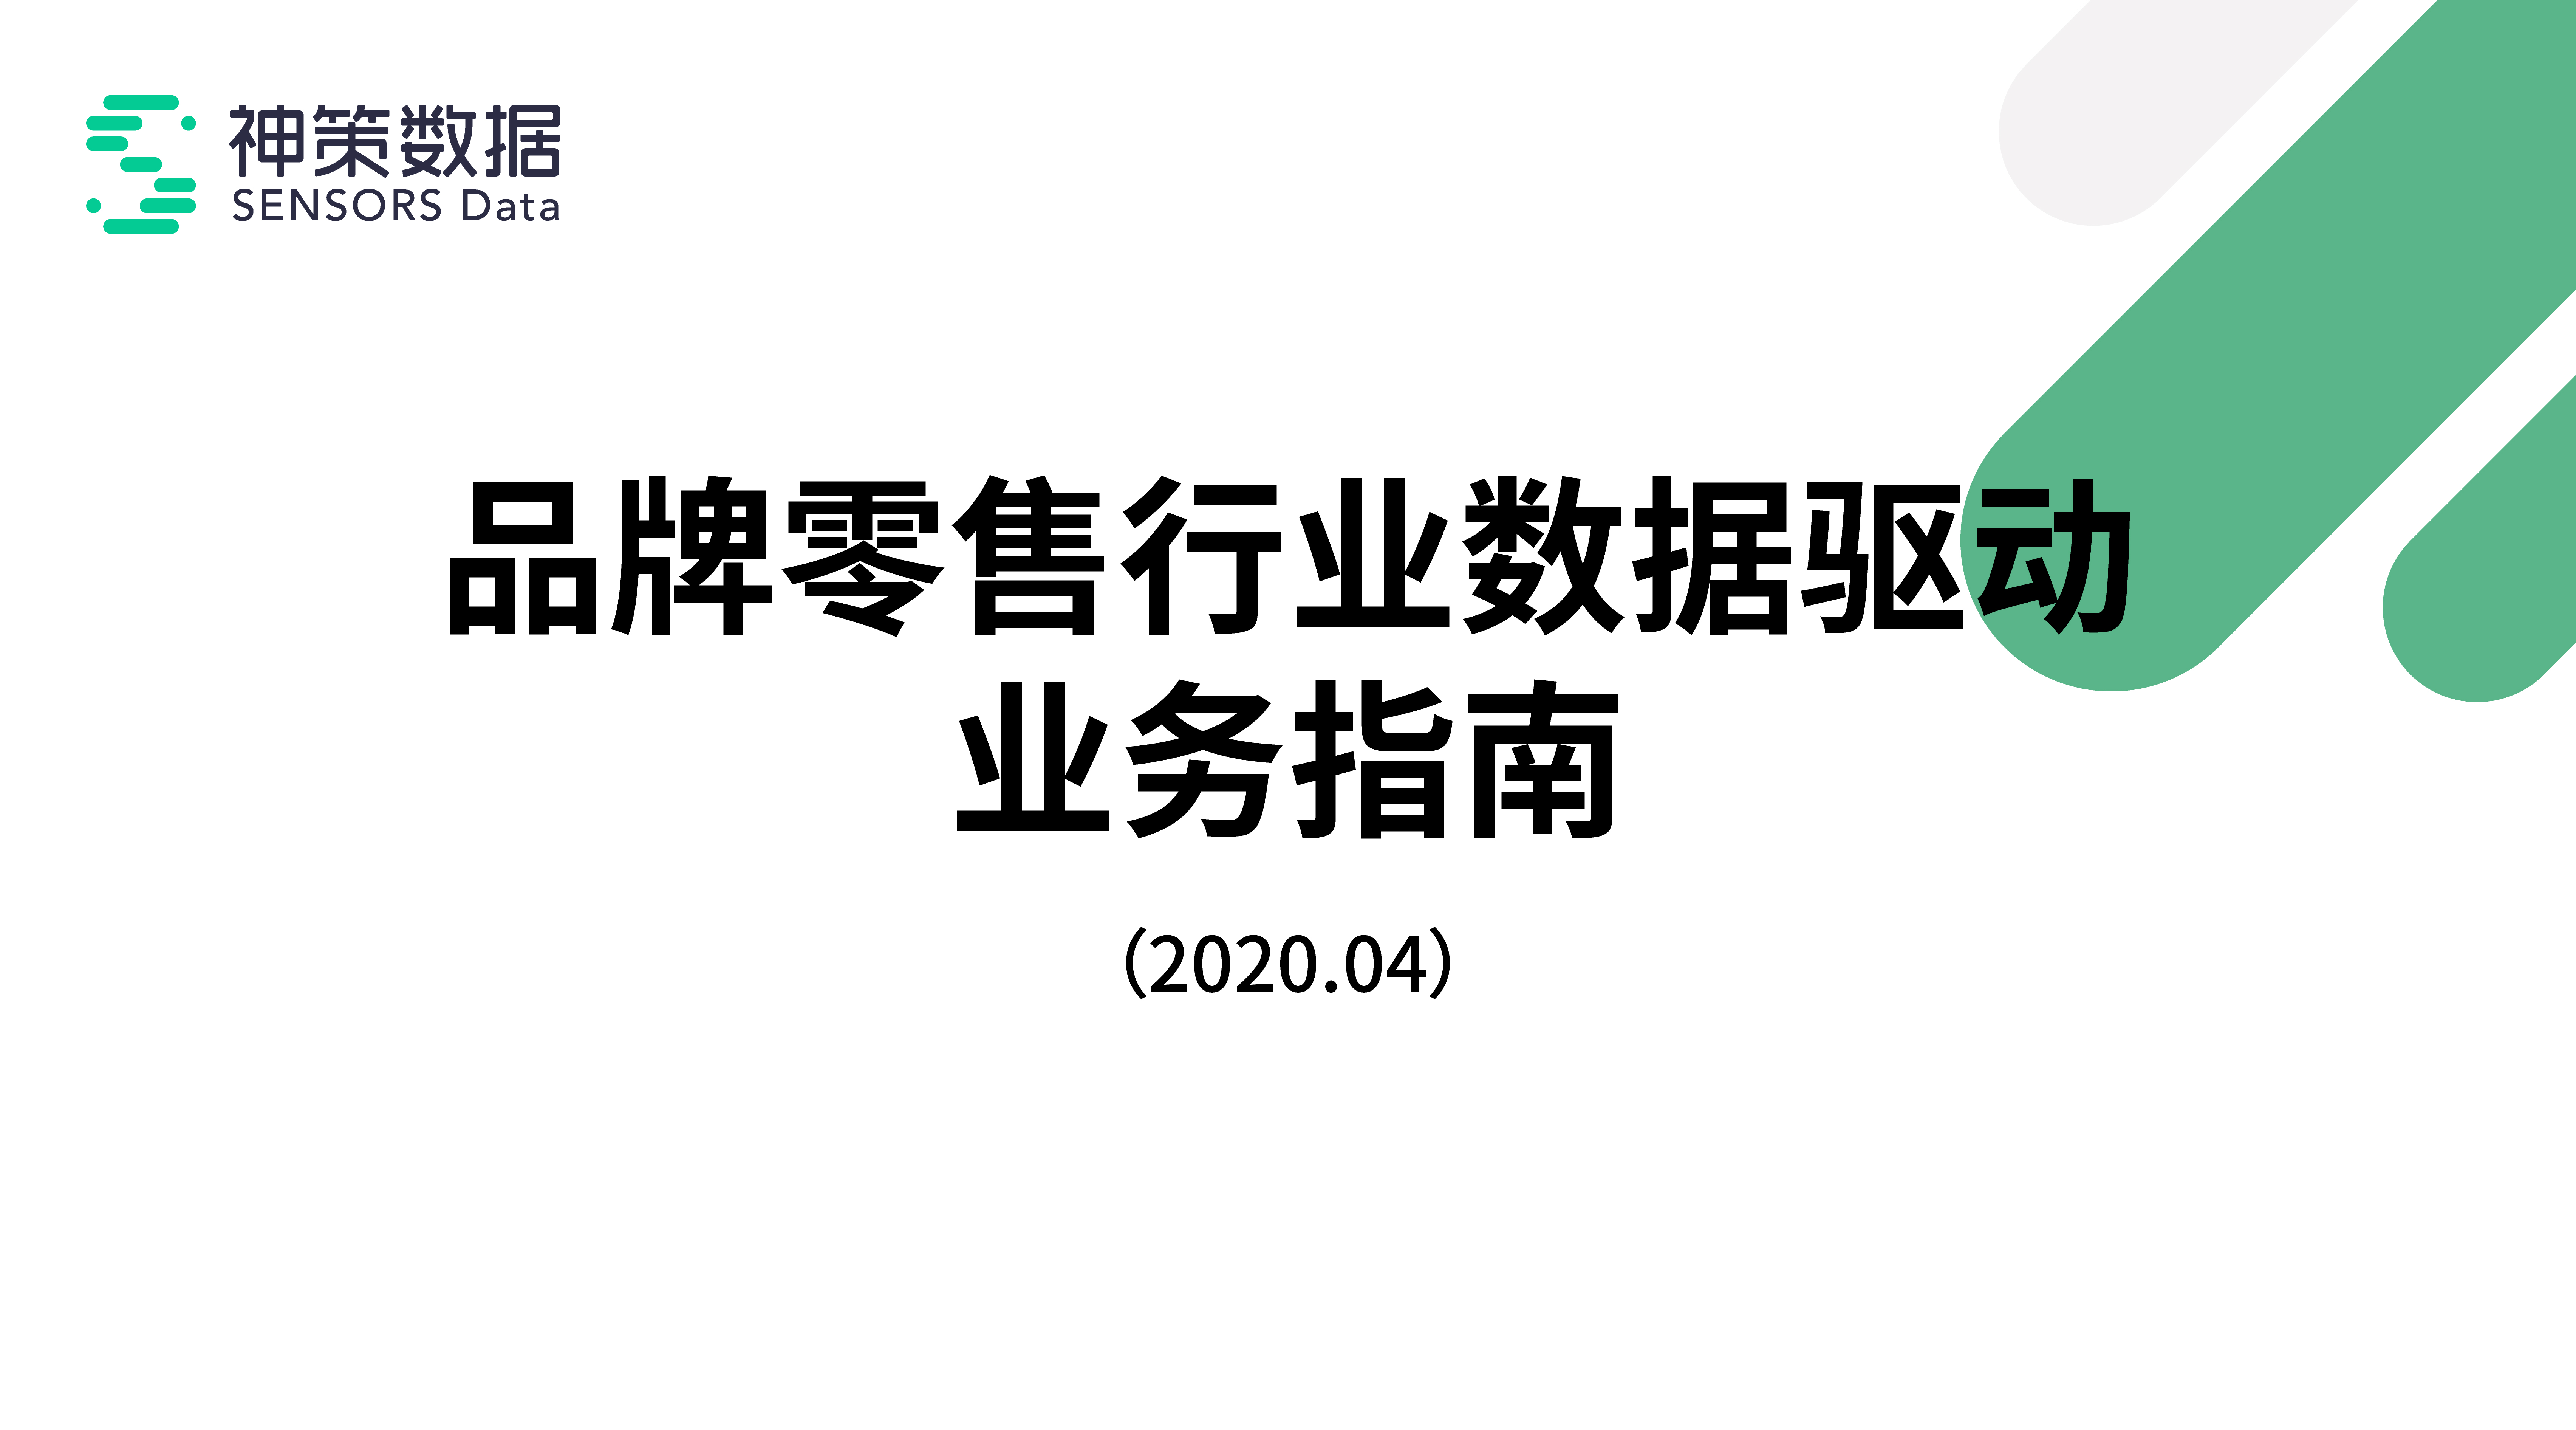 00226d2d49421e5be160fe672ea158d4.pdf